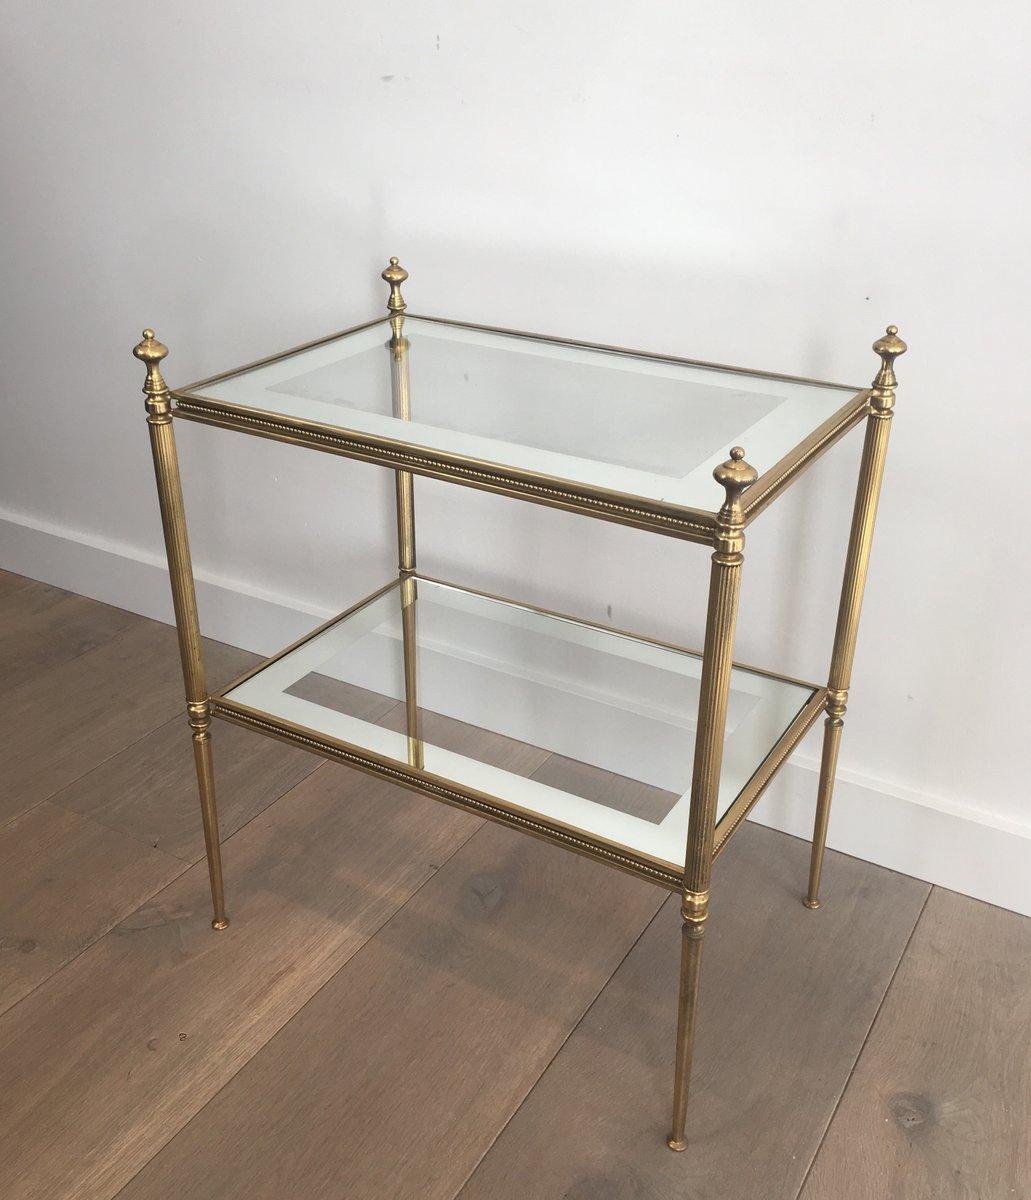 vintage regale aus glas messing 2er set bei pamono kaufen. Black Bedroom Furniture Sets. Home Design Ideas